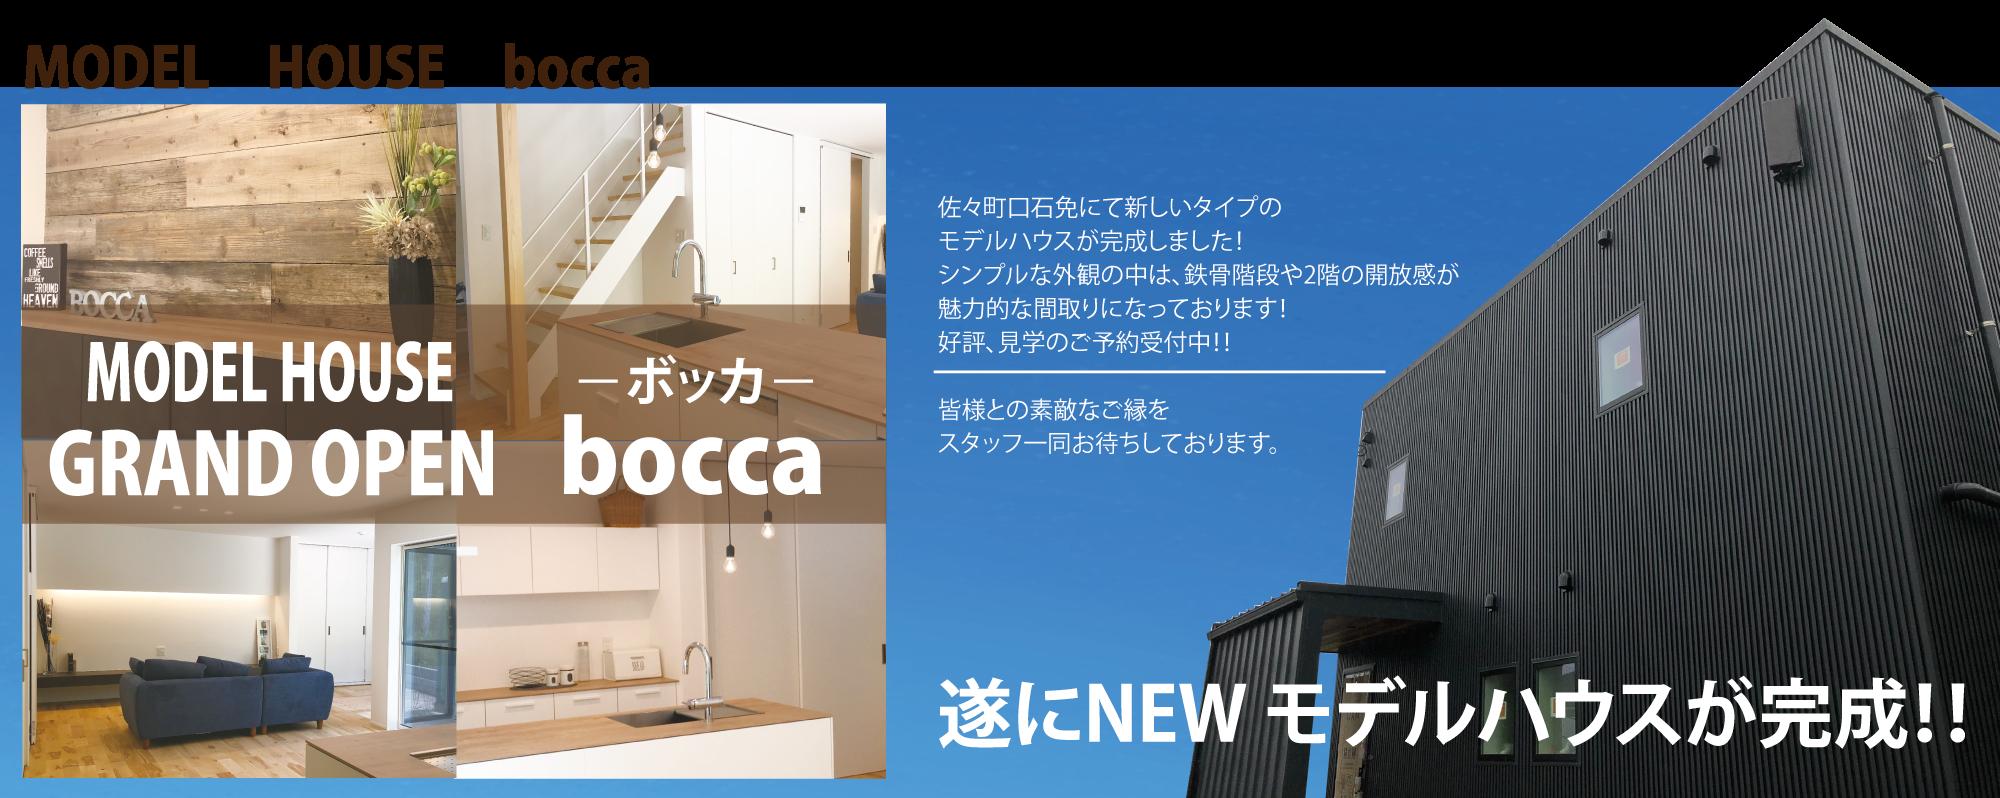 hp-bocca-yoyakukenngaku_1_2.png